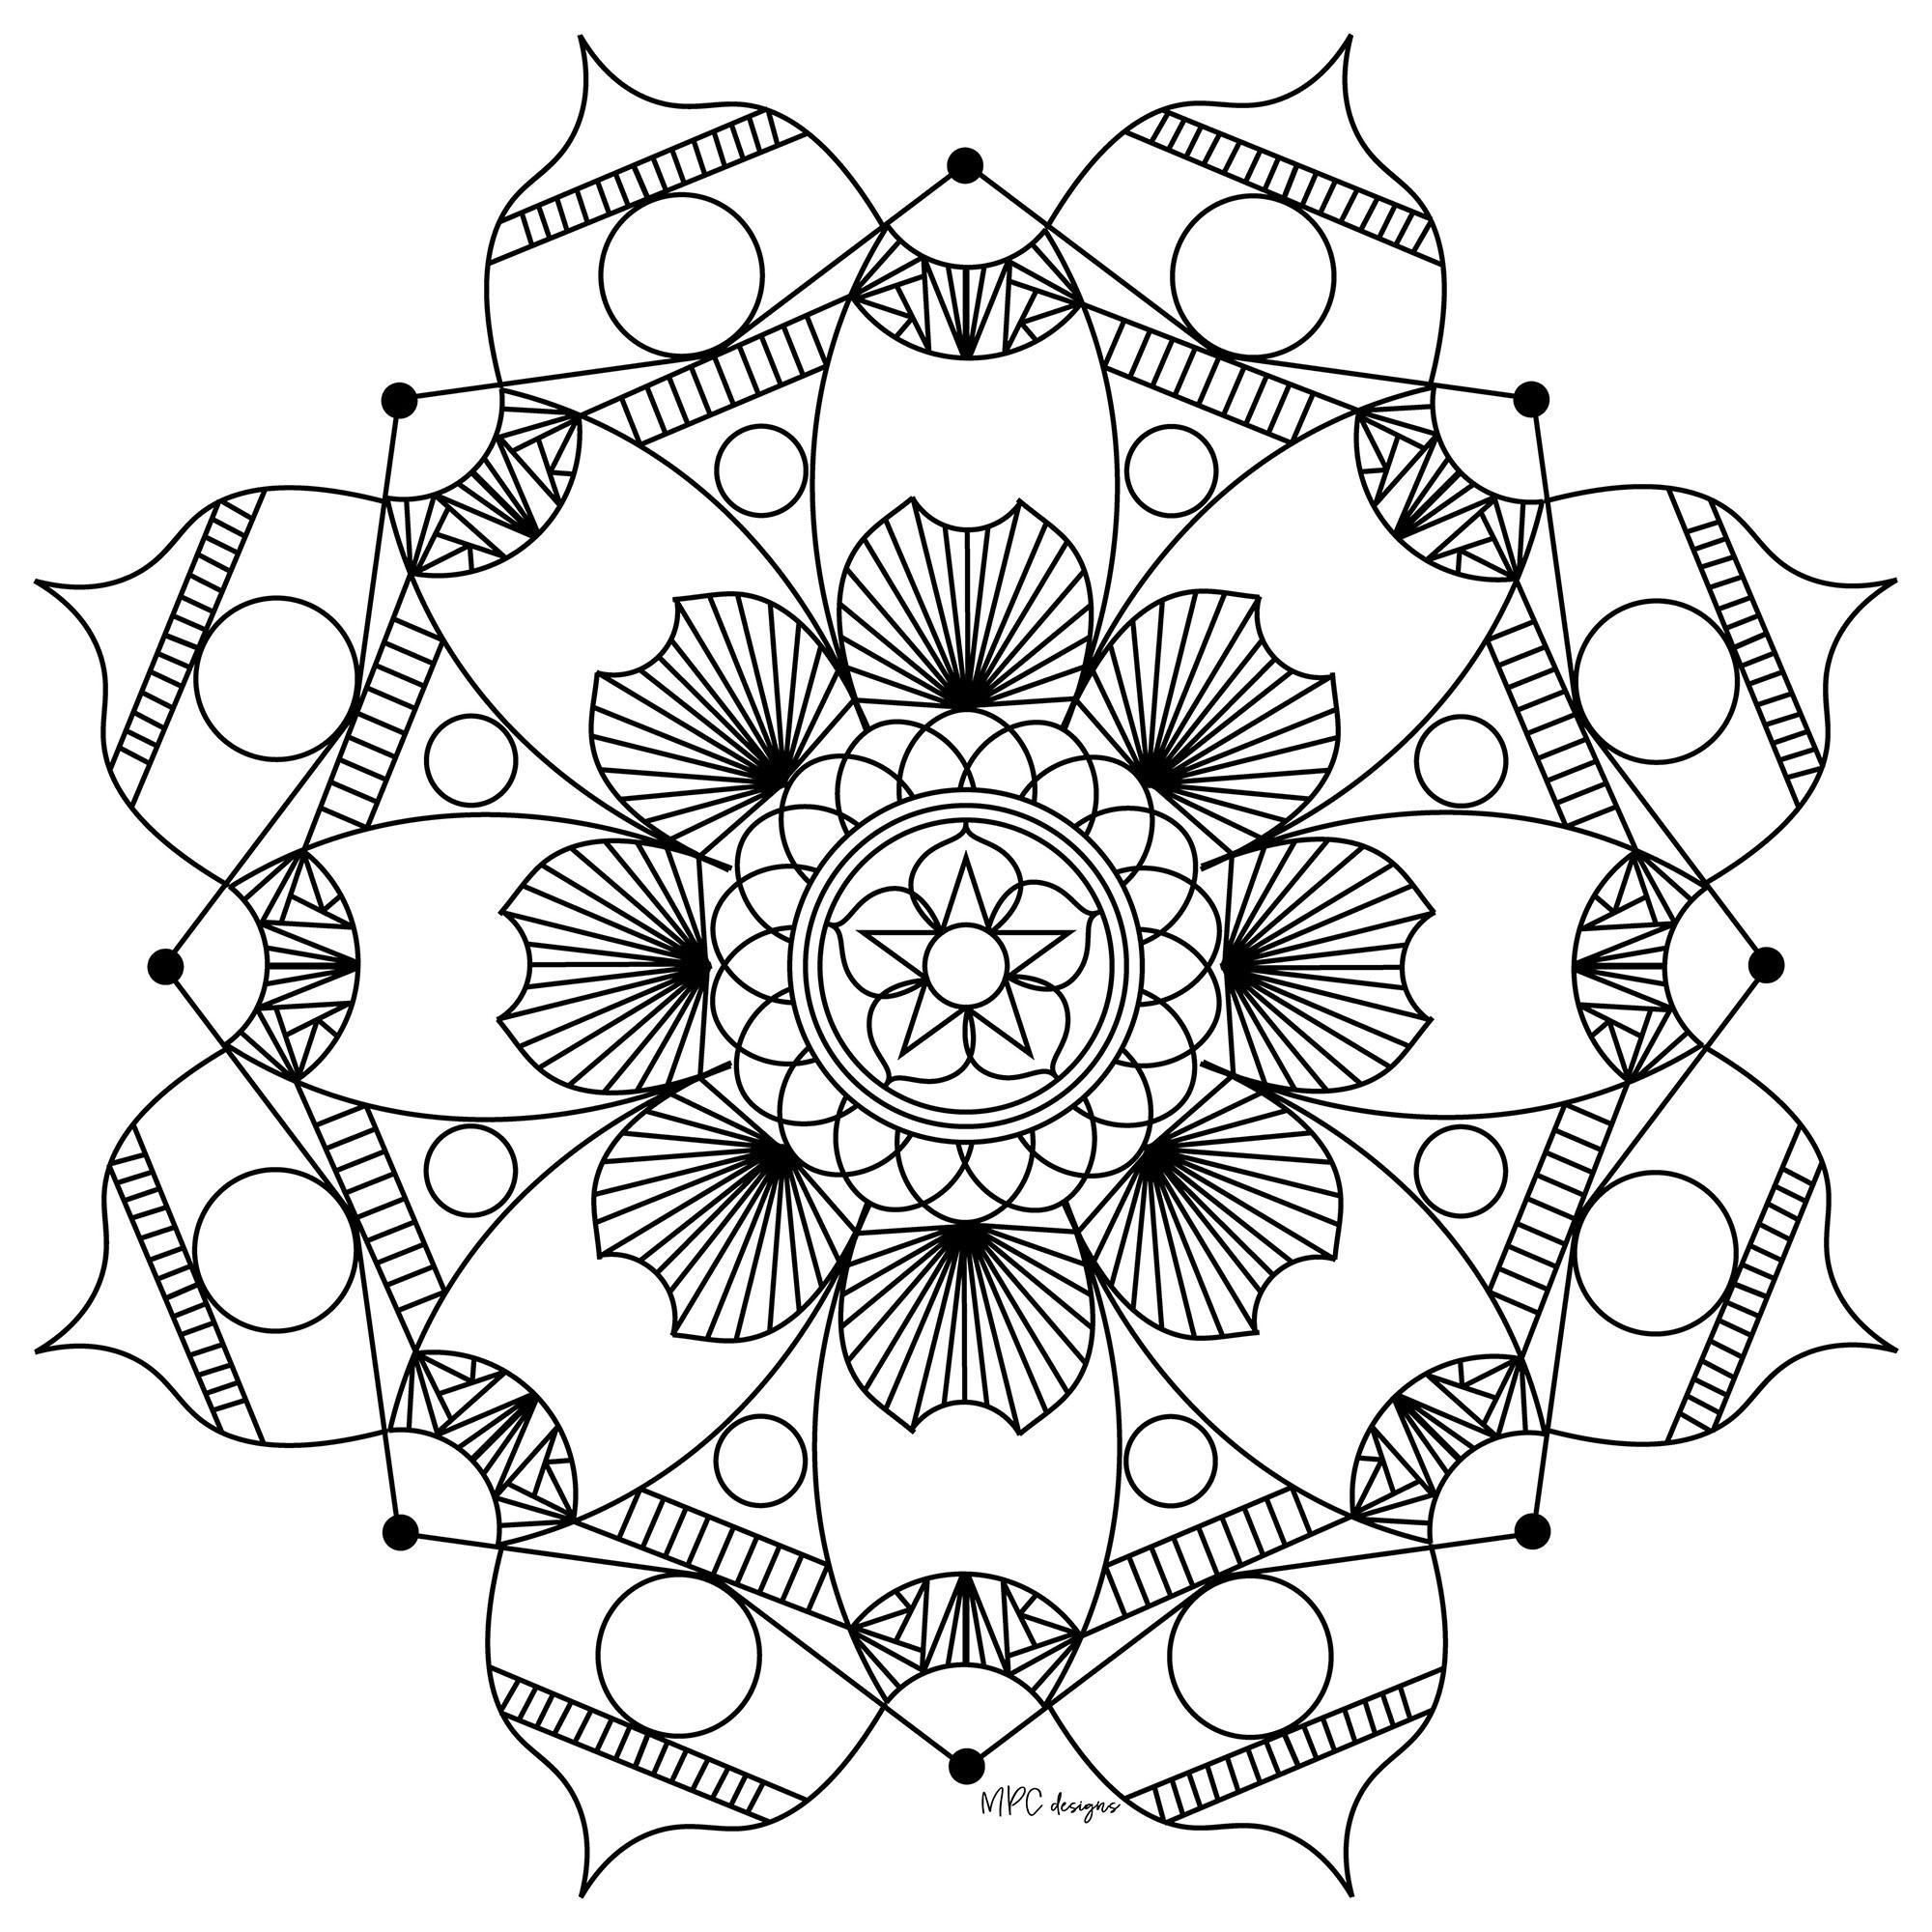 Disegni da colorare per adulti : Mandalas - 201